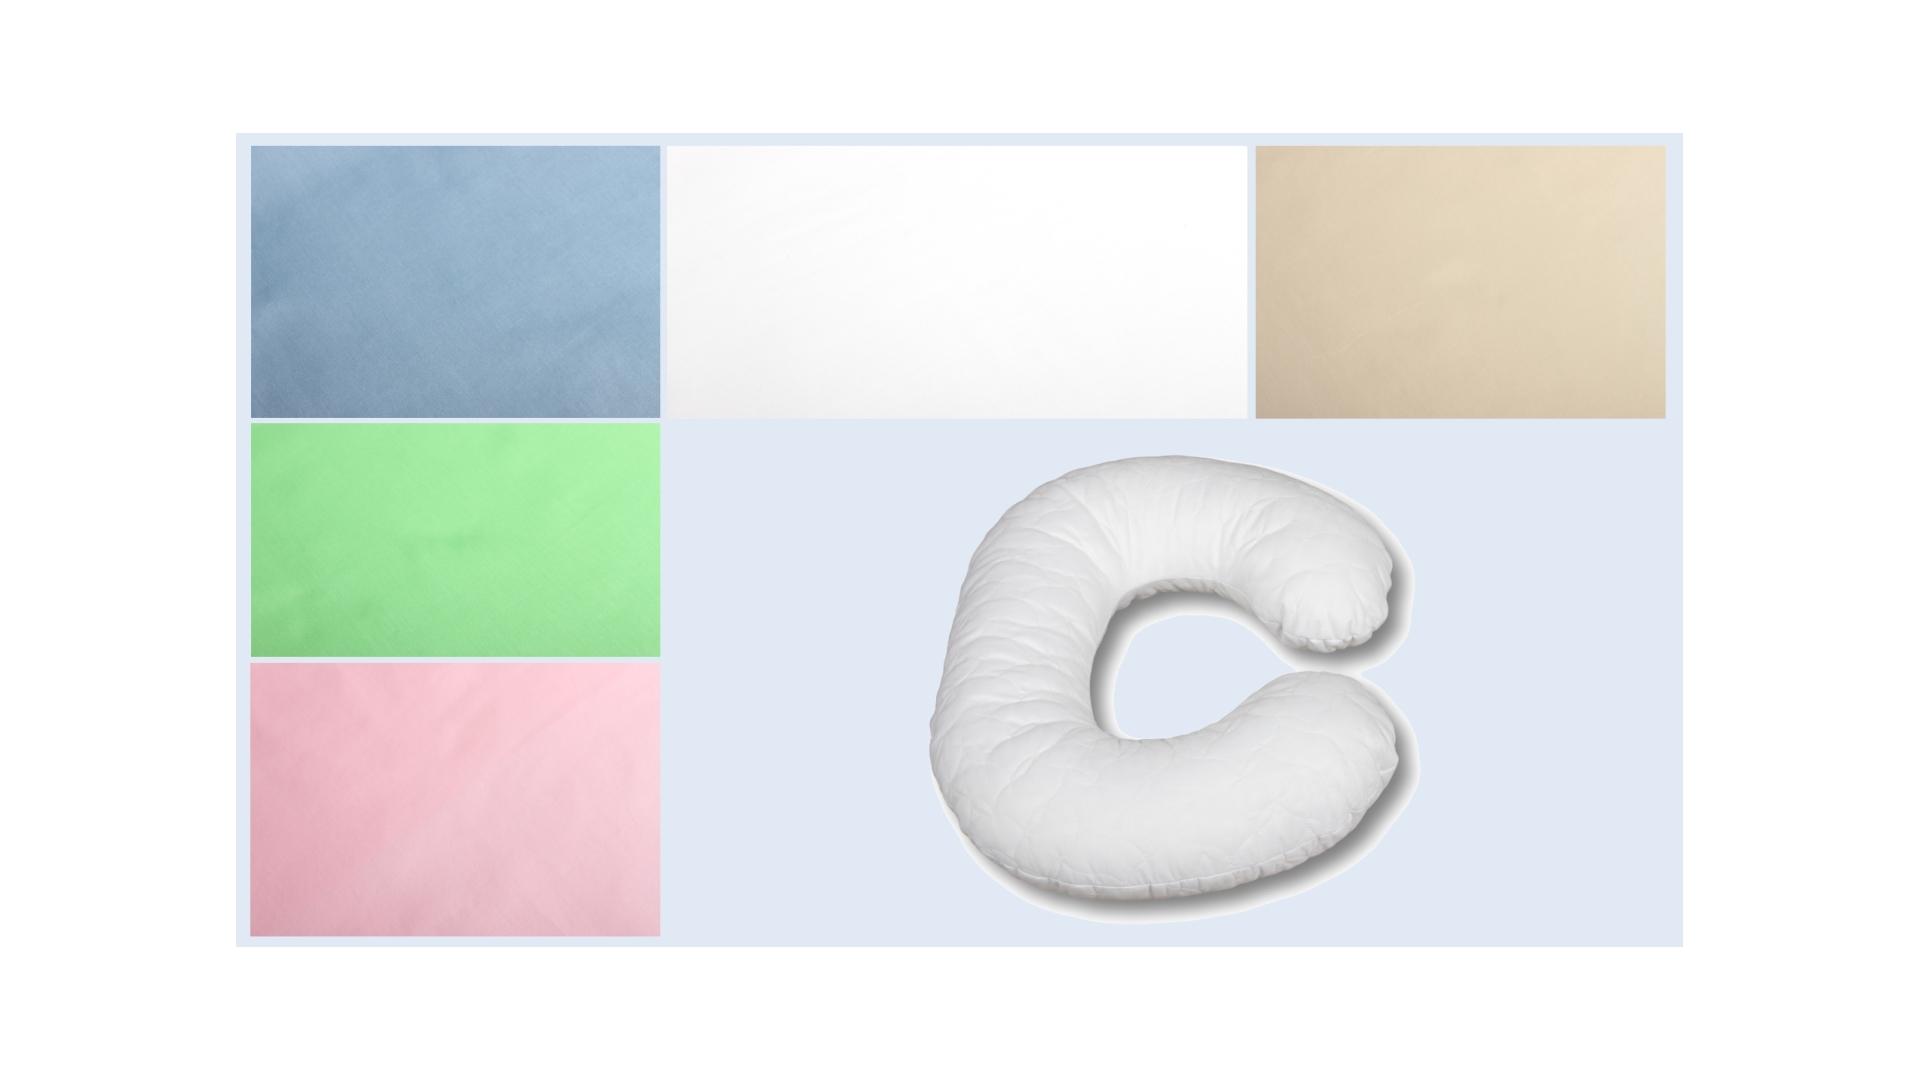 Наволочка на подушку для беременных Сатиновая формы C фото FullHD (0)